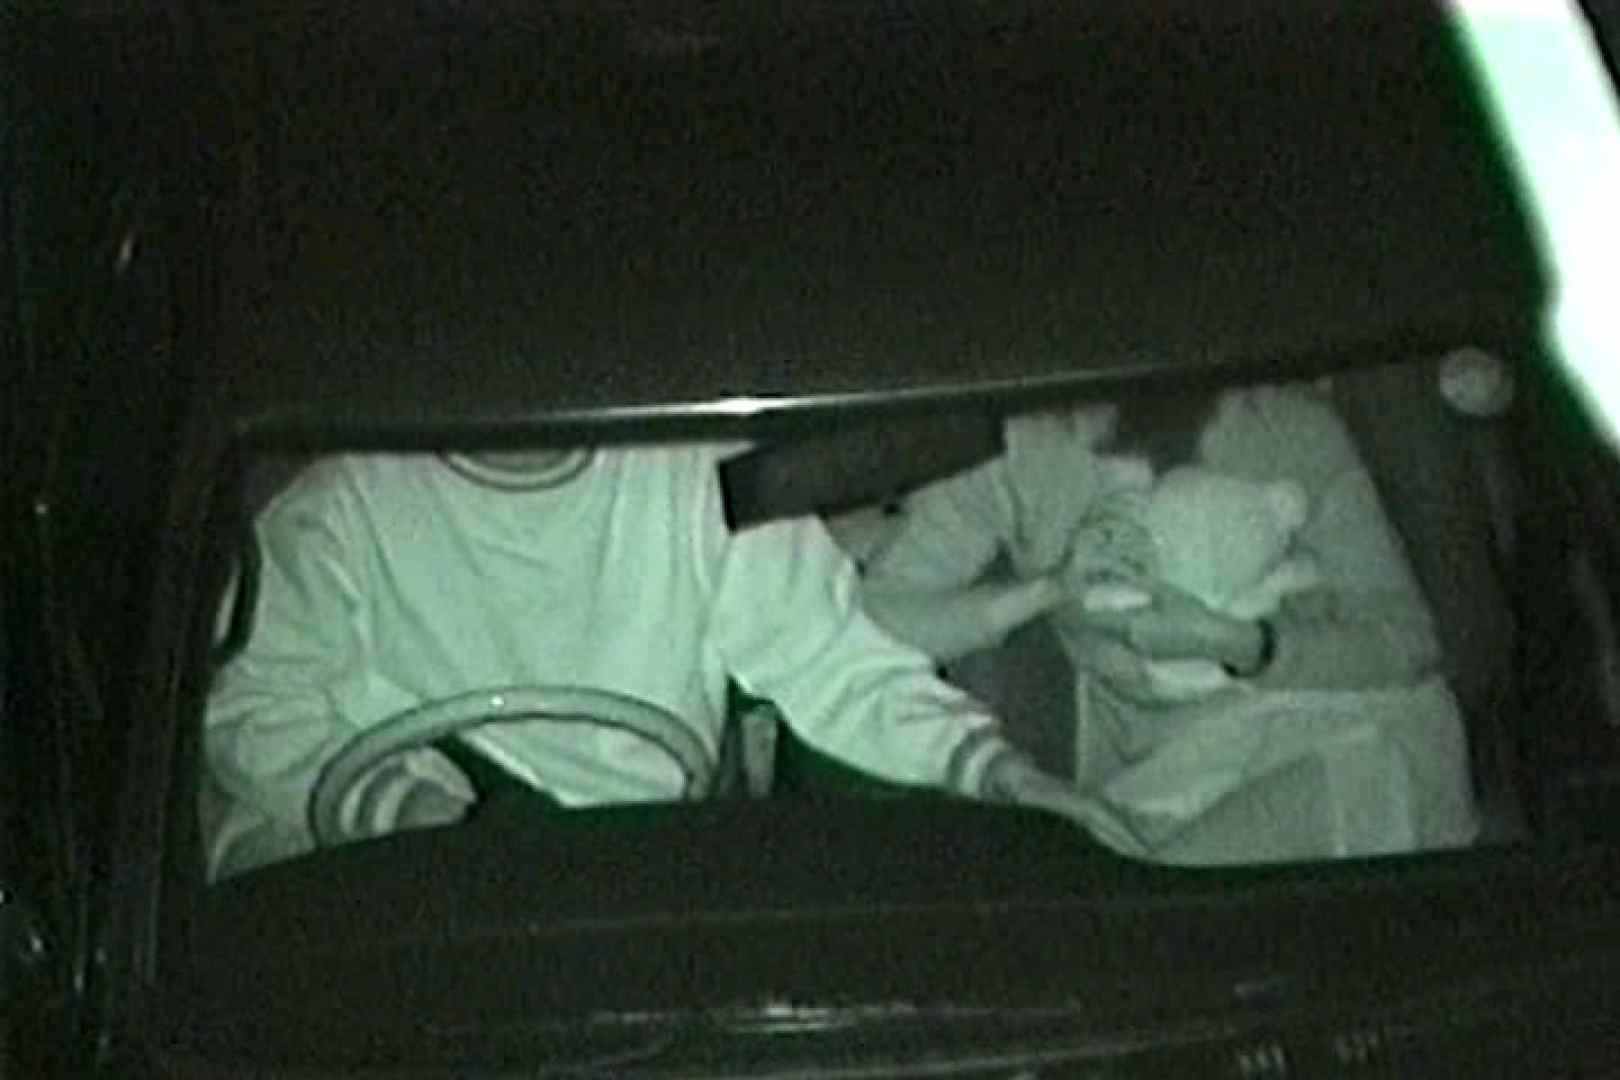 車の中はラブホテル 無修正版  Vol.8 セックス おまんこ無修正動画無料 102PIX 67